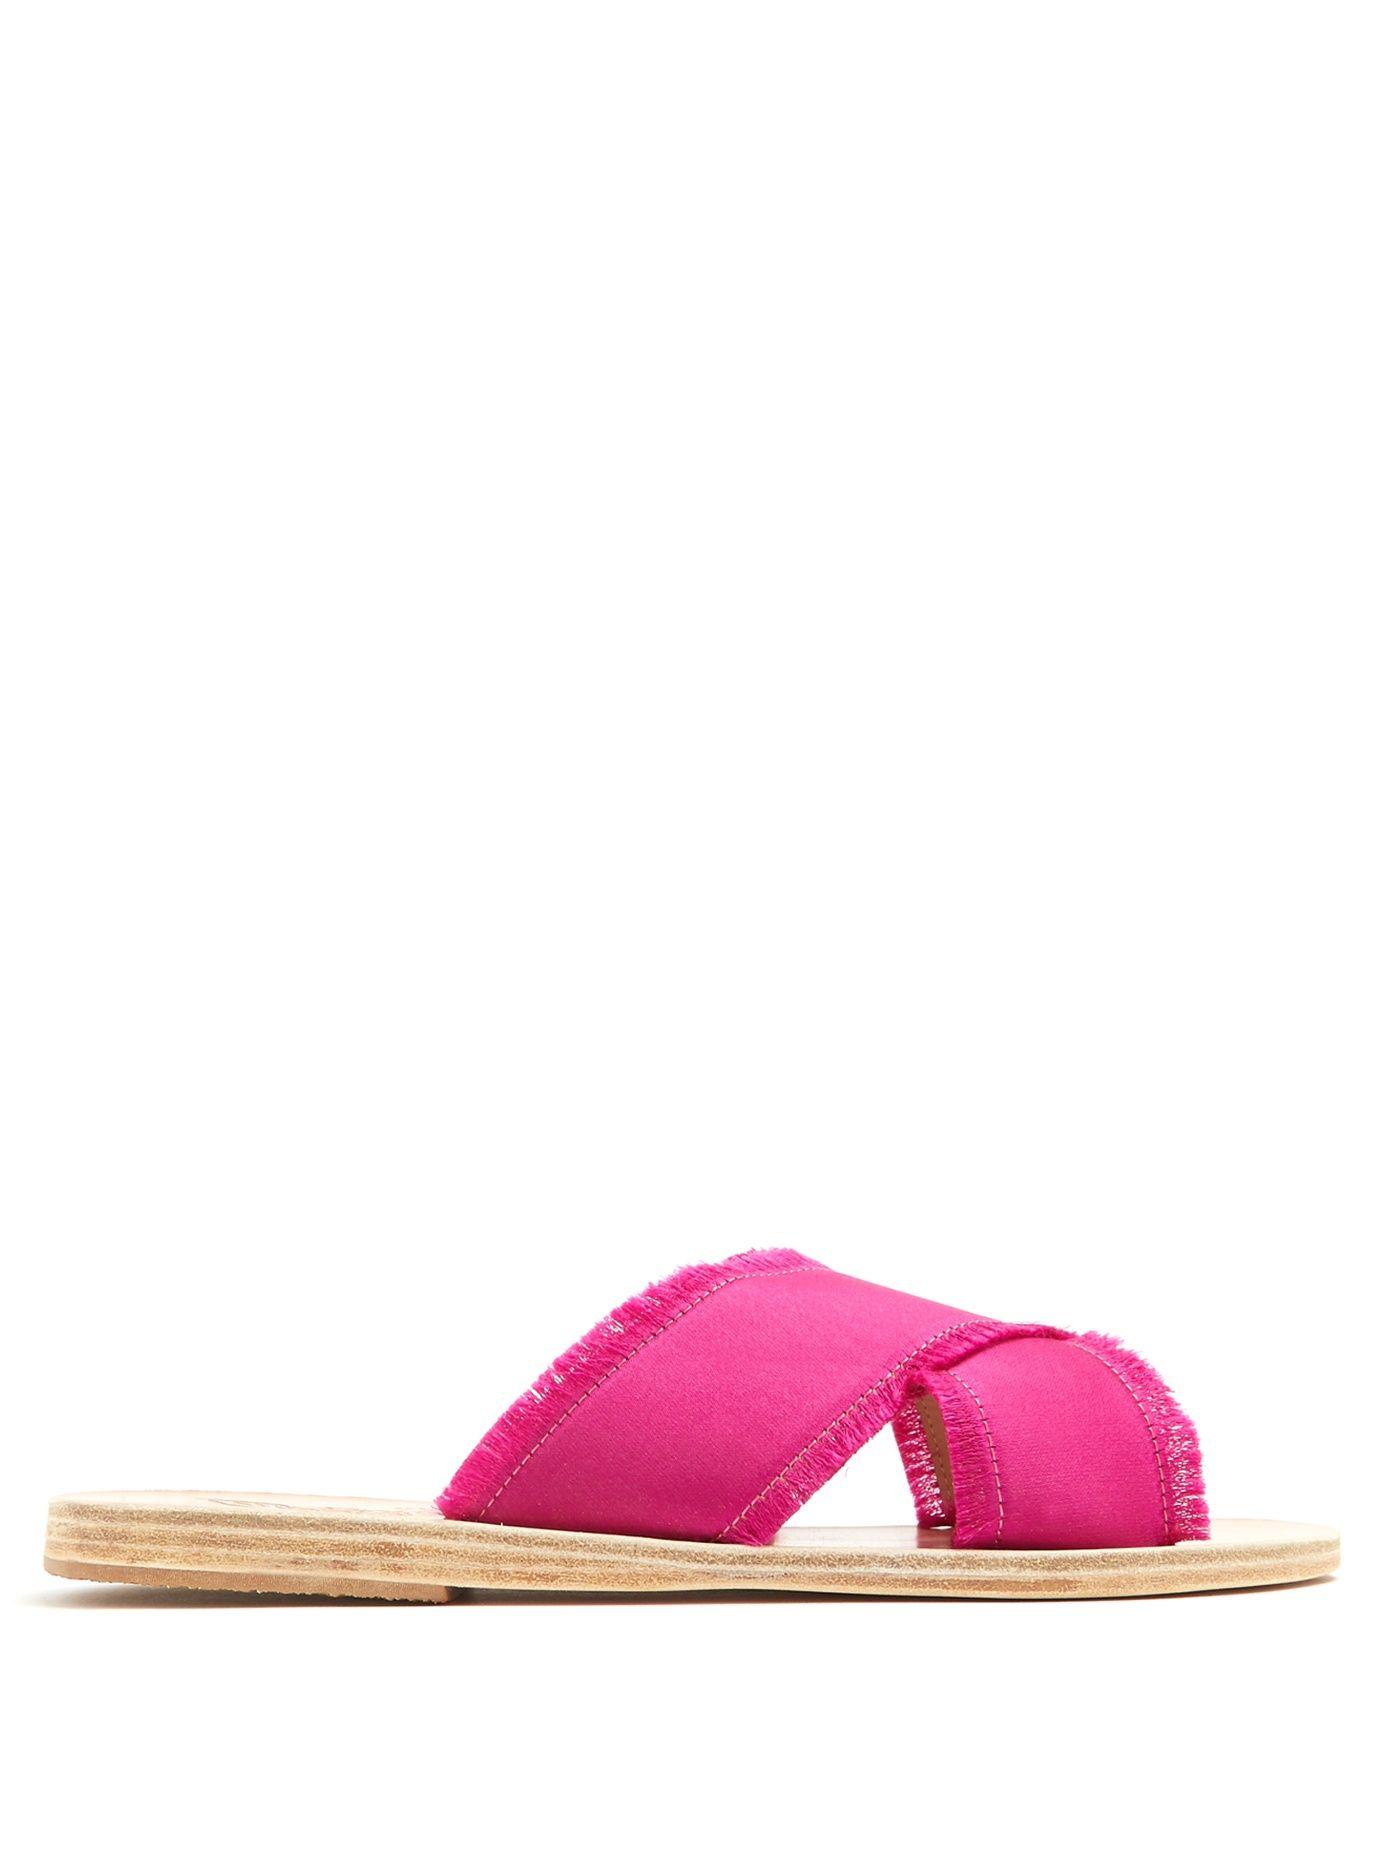 Thais Satin Slides Ancient Greek Sandals zdmq5EyLb